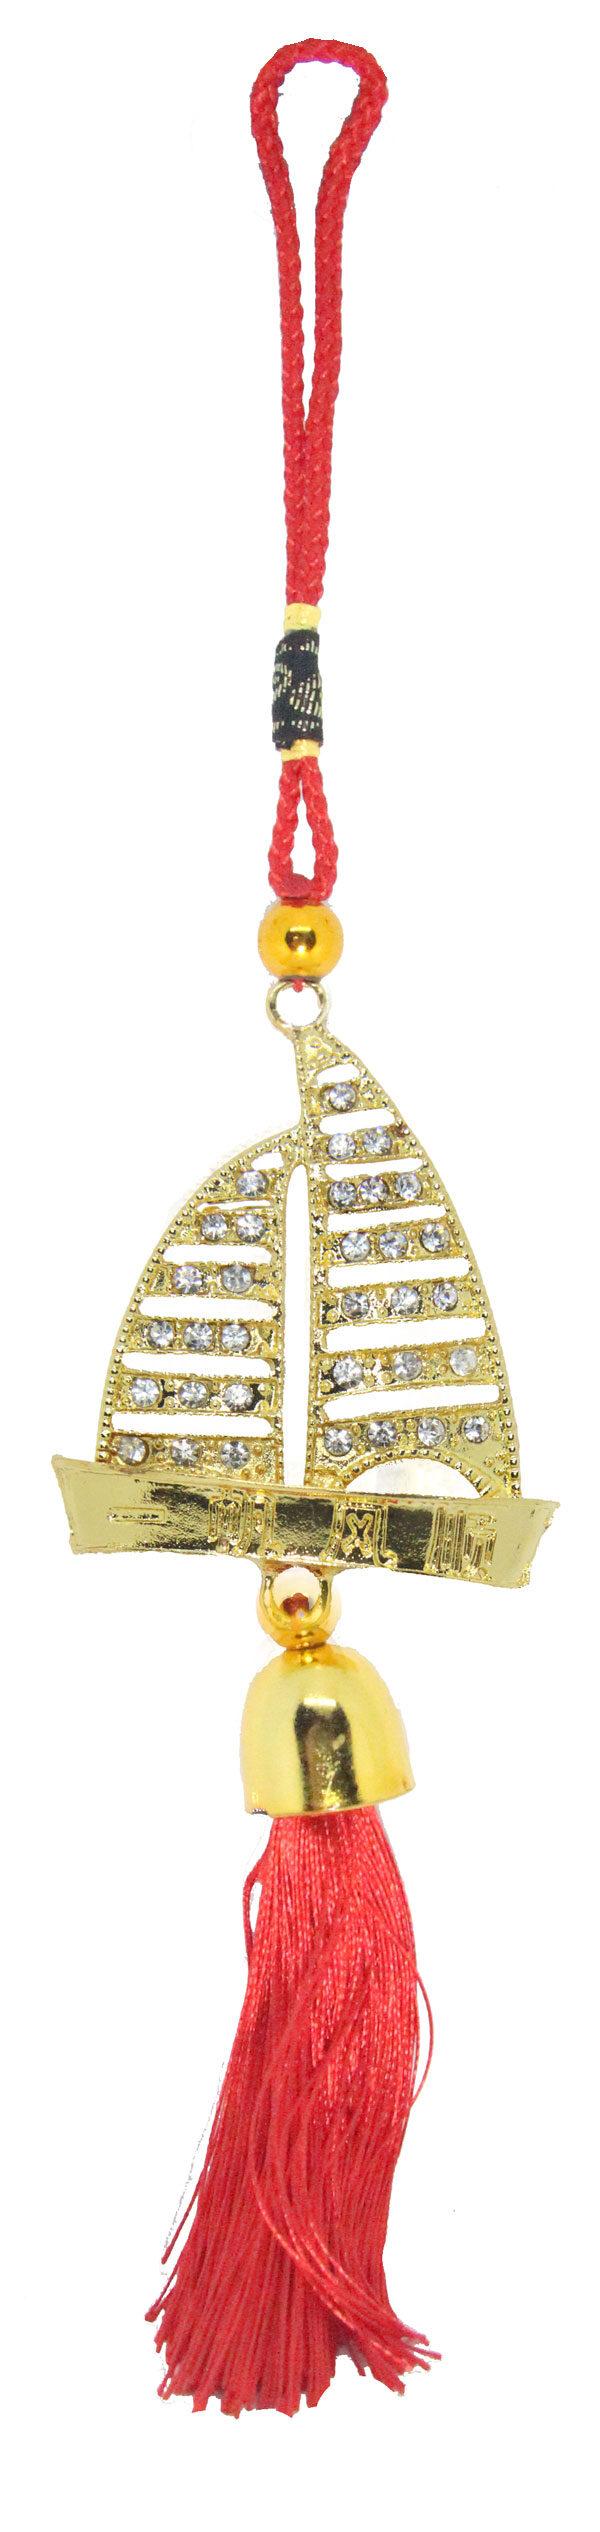 Huangjin Caifu Chuan wealth ship